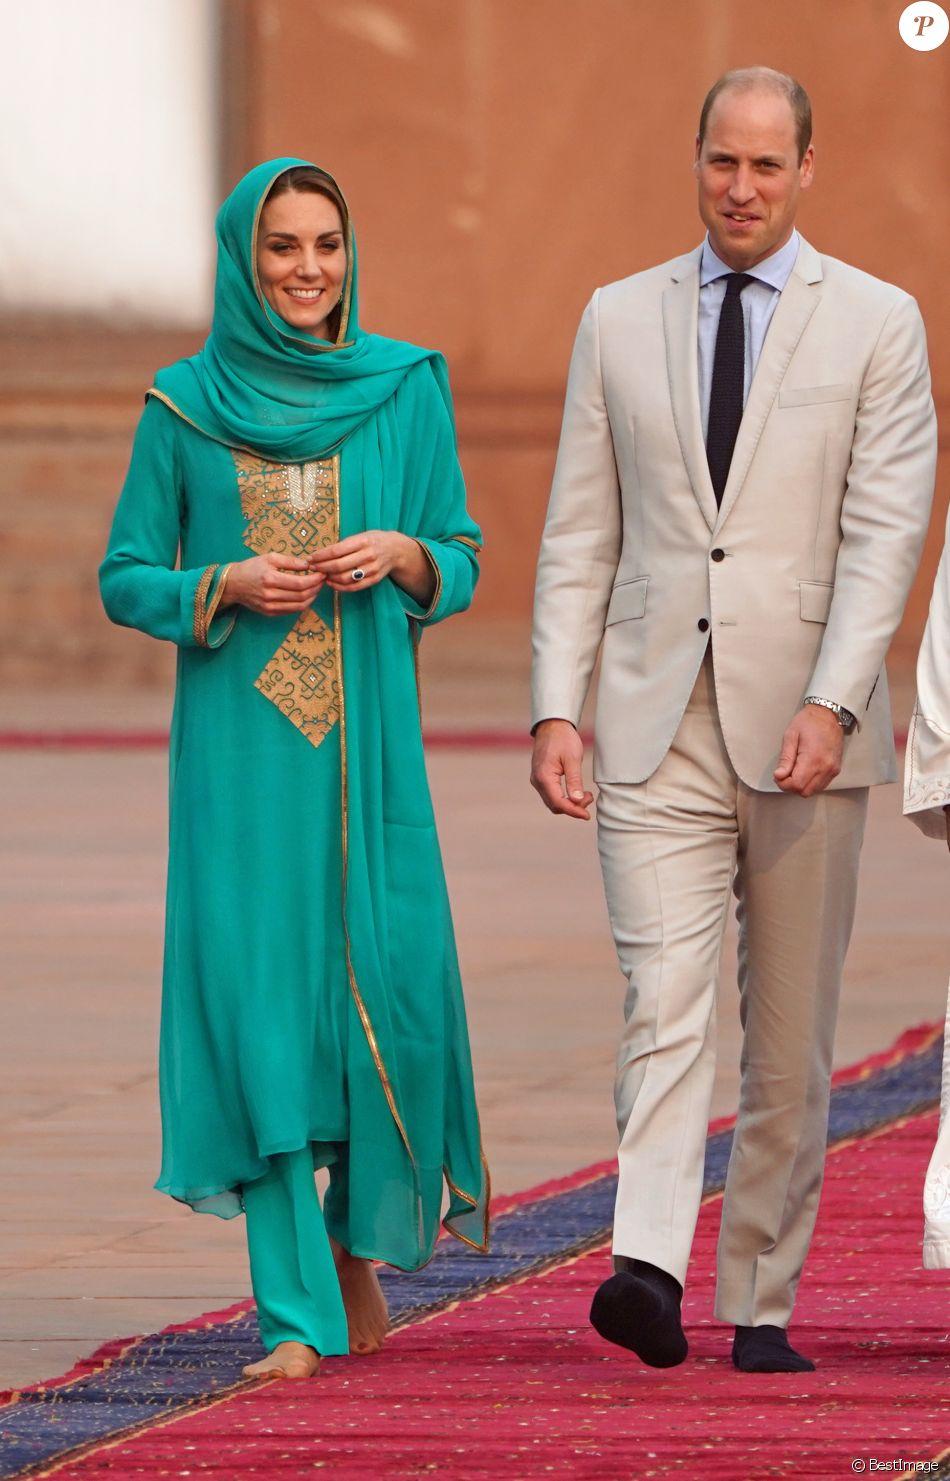 Le prince William, duc de Cambridge, et Catherine (Kate) Middleton, duchesse de Cambridge visitent la Mosquée Badshahi à Lahore au Pakistan , le 17 octobre 2019.